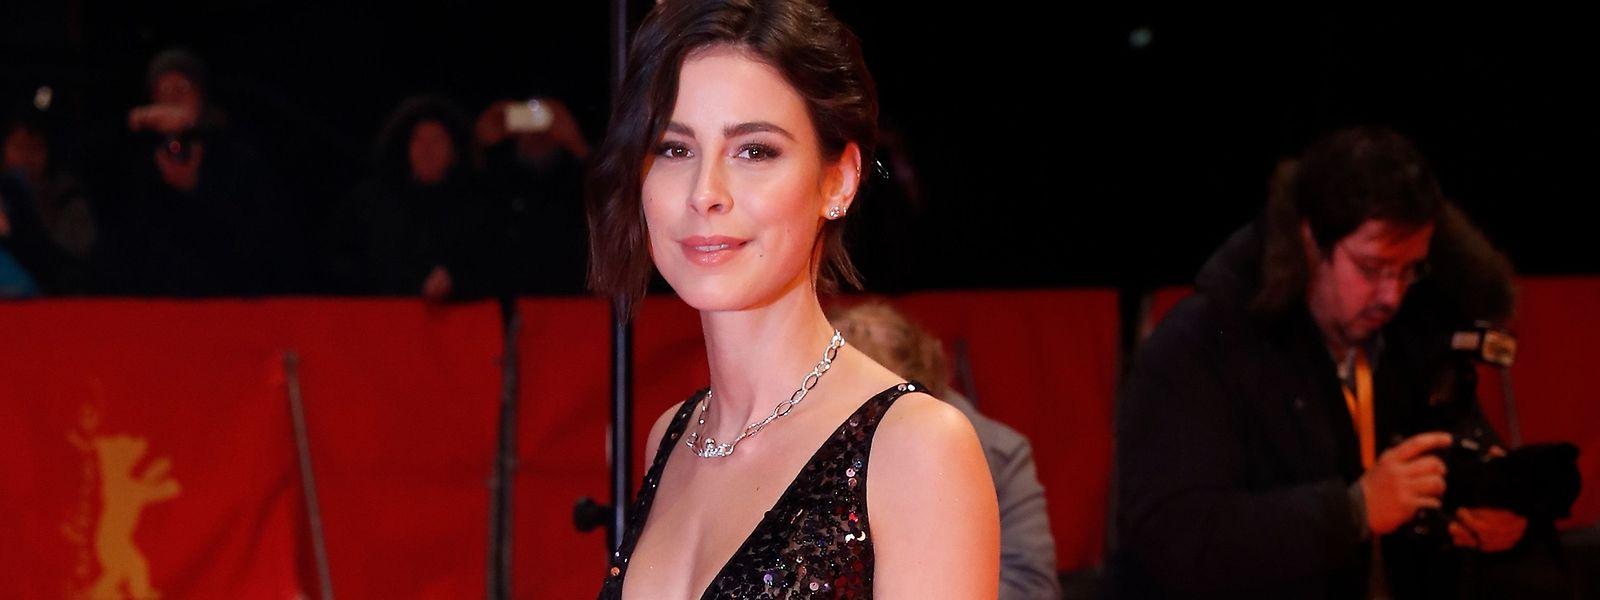 """Eine TV-Show ebnete Lena Meyer-Landrut den Weg zum ESC, bei dem sie 2010 mit dem Song """"Satellite"""" ganz Europa verzauberte. Jetzt ist sie selbst Jurymitglied einer Casting-Show."""